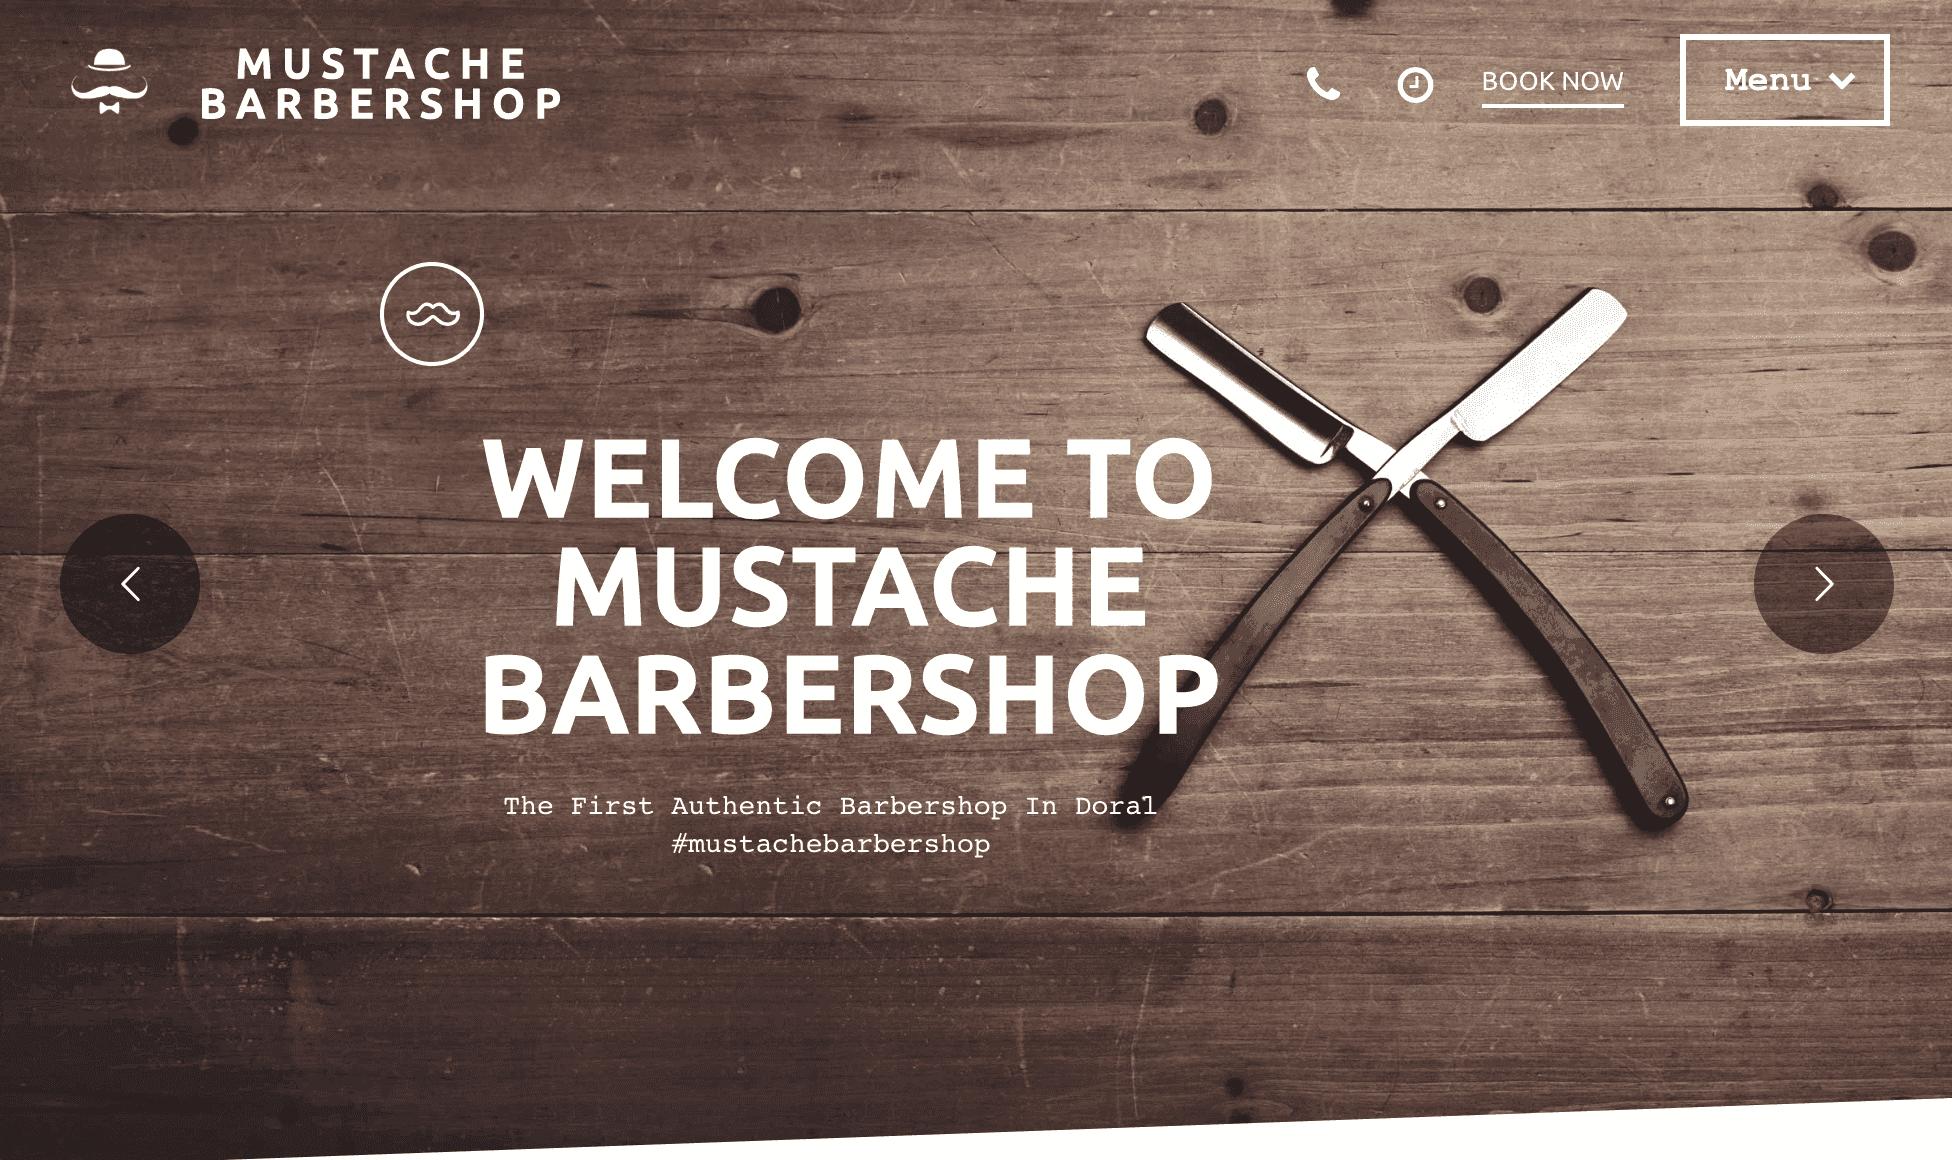 Mustache Barbershop